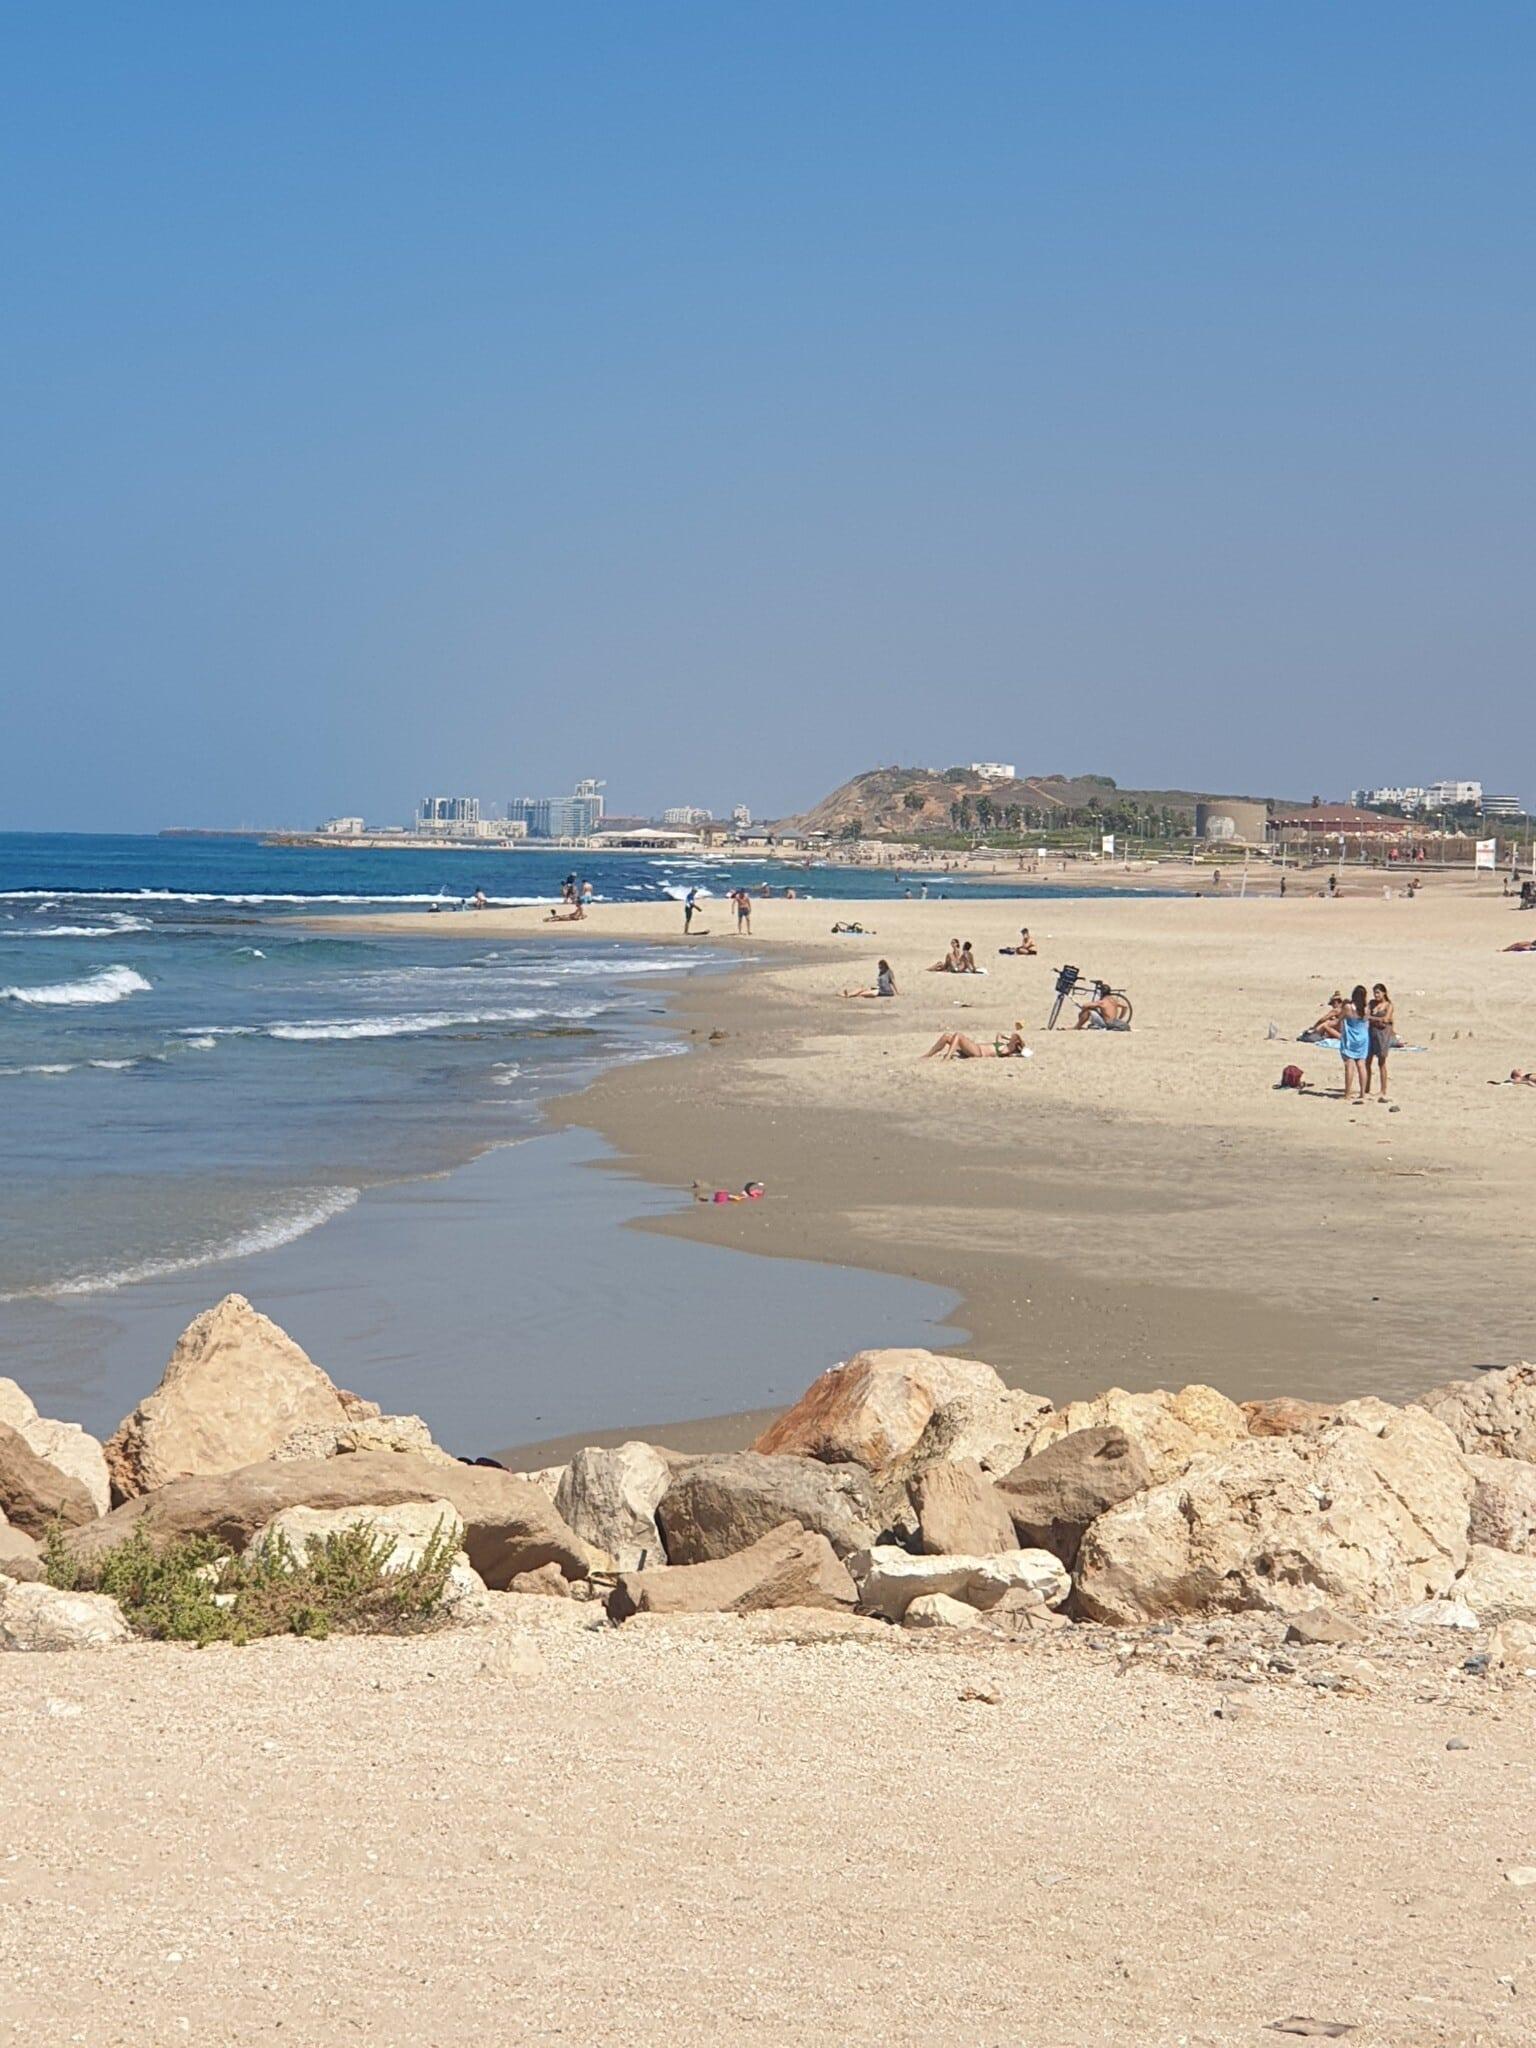 כאן עתידה לקום המרינה בתל אביב, אוקטובר 2020 (צילום: אביב לביא)